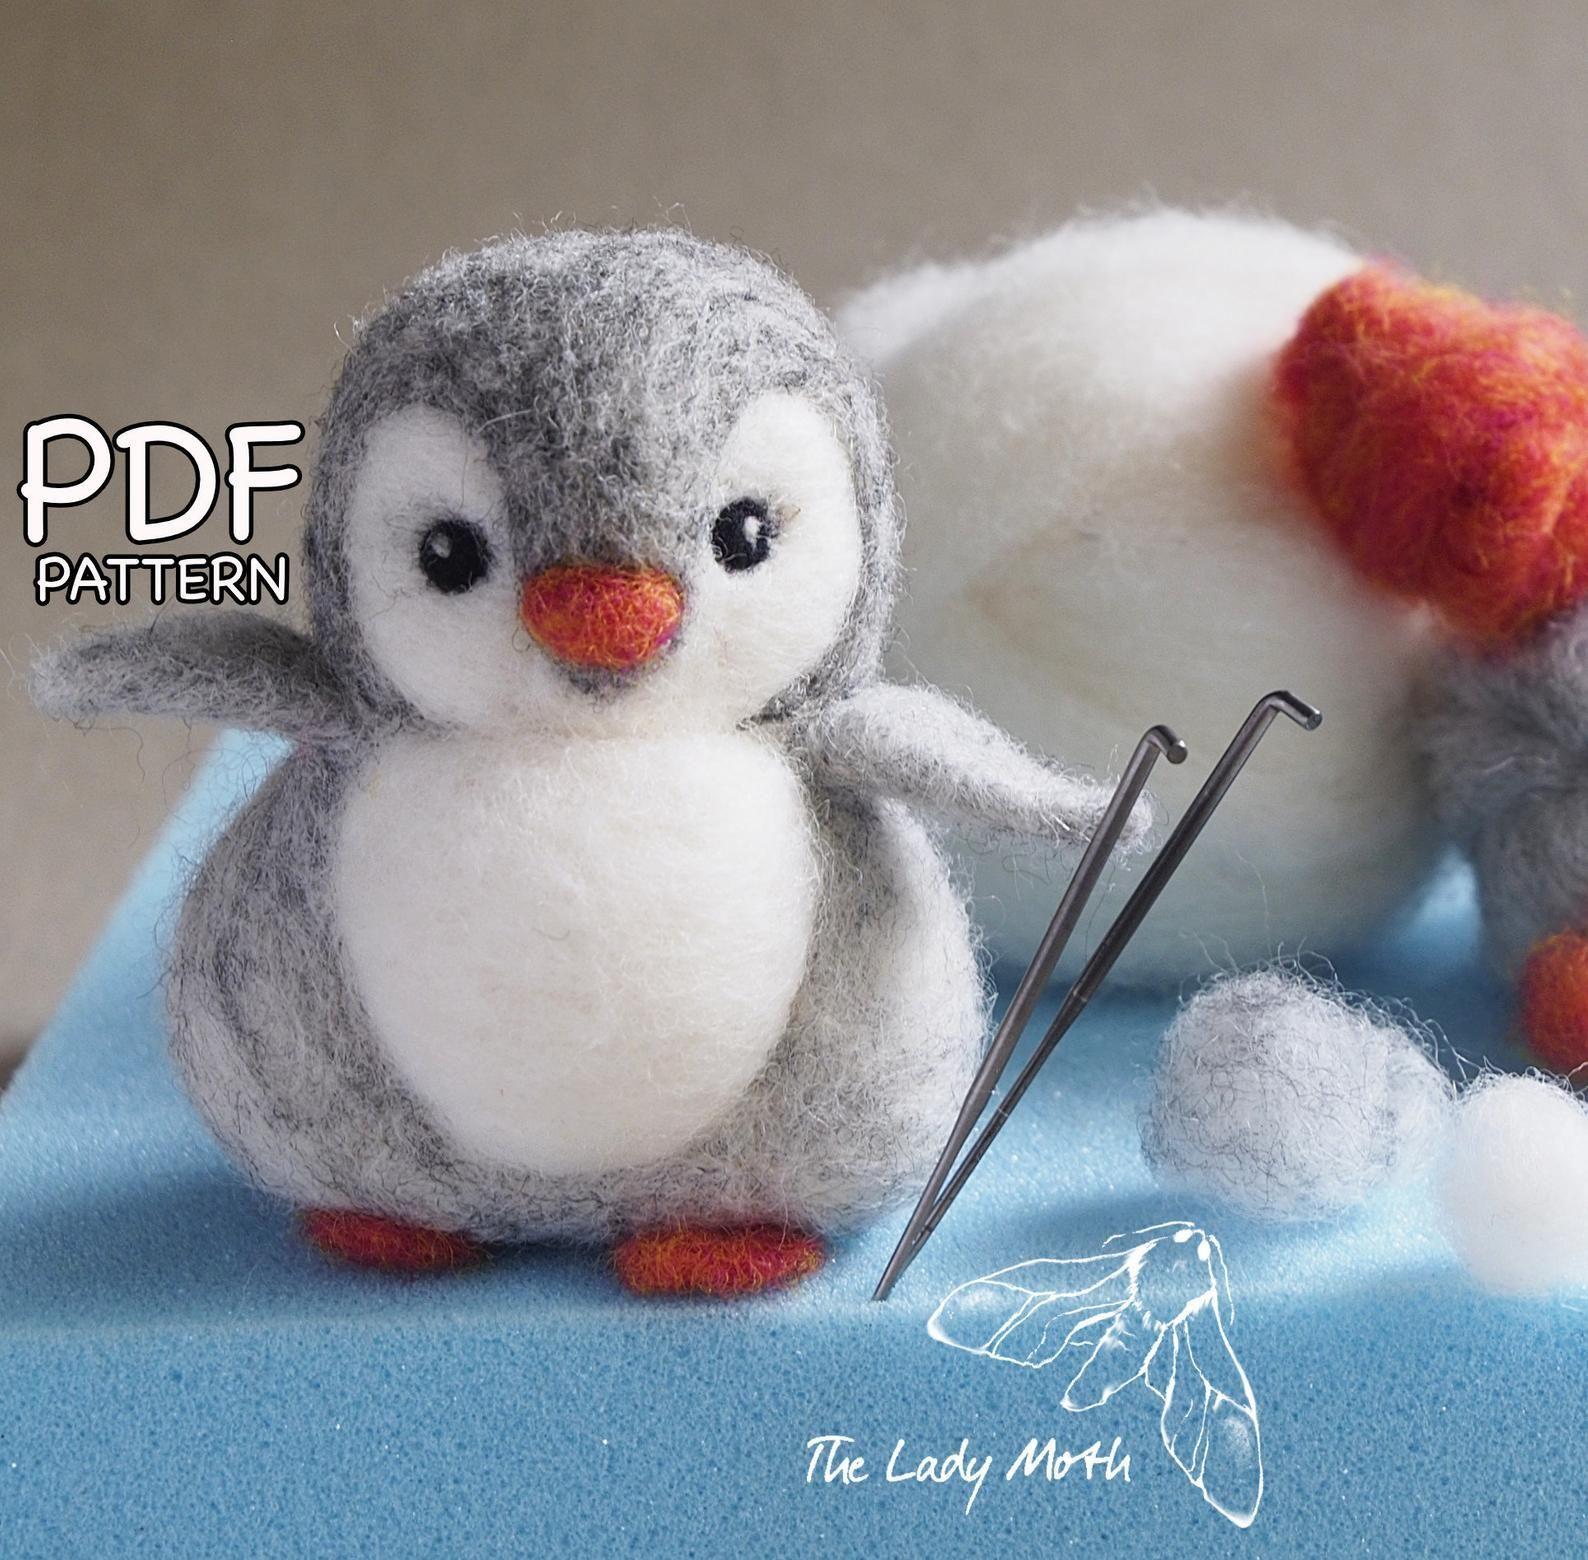 Pinguin Nadelfilzanleitung Von The Lady Moth Pdf Diy Anleitung Basteln Sie Ihre Eigenen Sussen Pinguine Druckbare Anleitung Nadelfilztiere Filz Anleitung Filzarbeiten